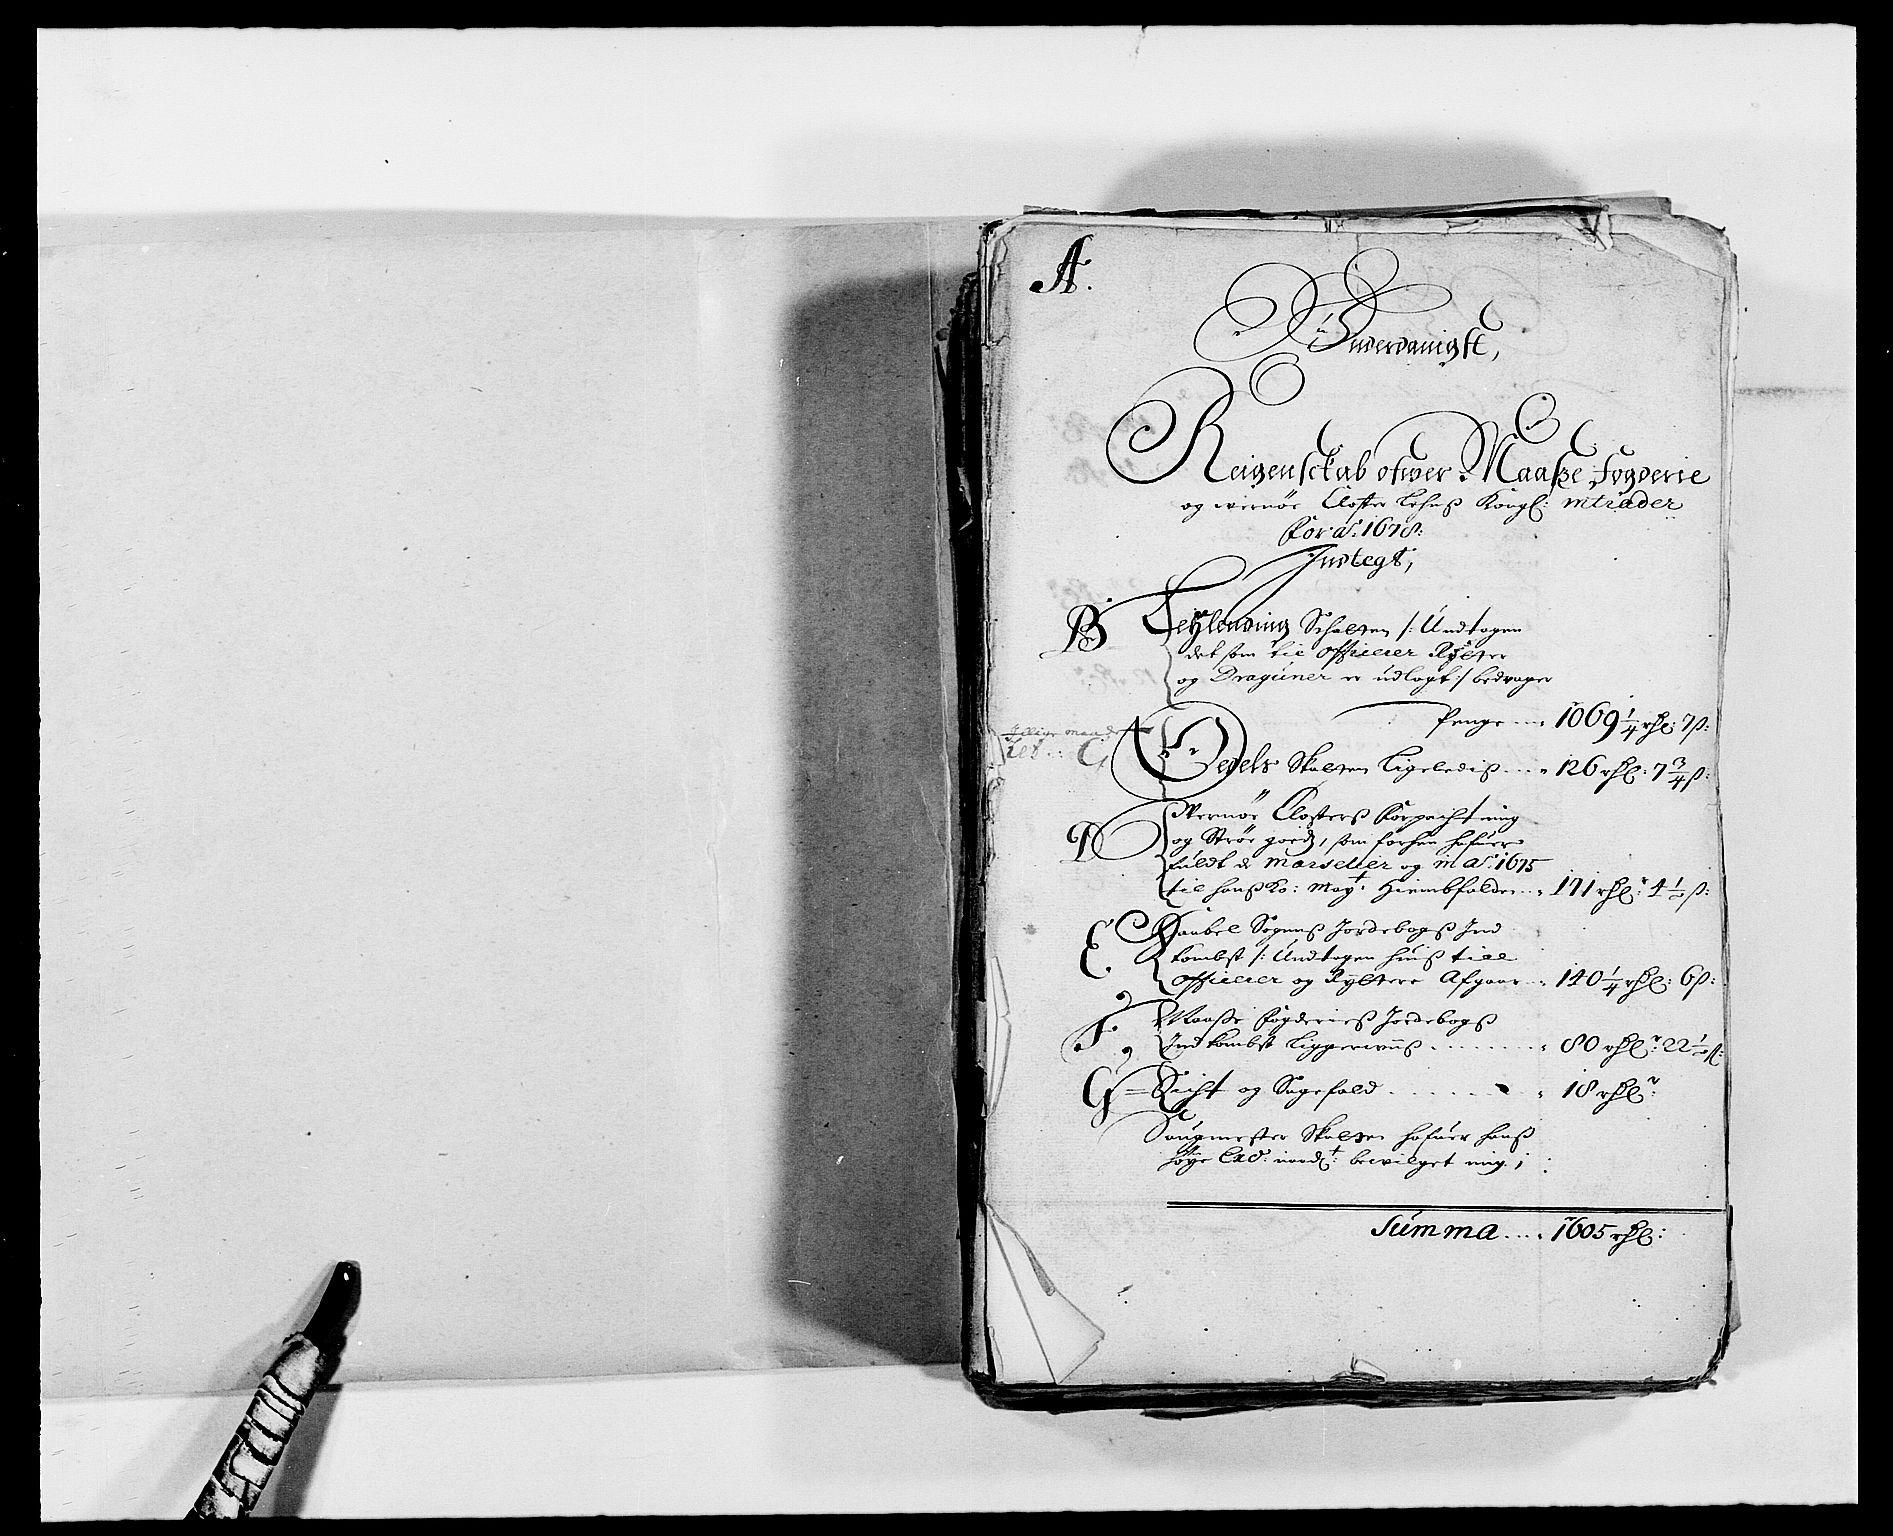 RA, Rentekammeret inntil 1814, Reviderte regnskaper, Fogderegnskap, R02/L0099: Fogderegnskap Moss og Verne kloster, 1678, s. 2